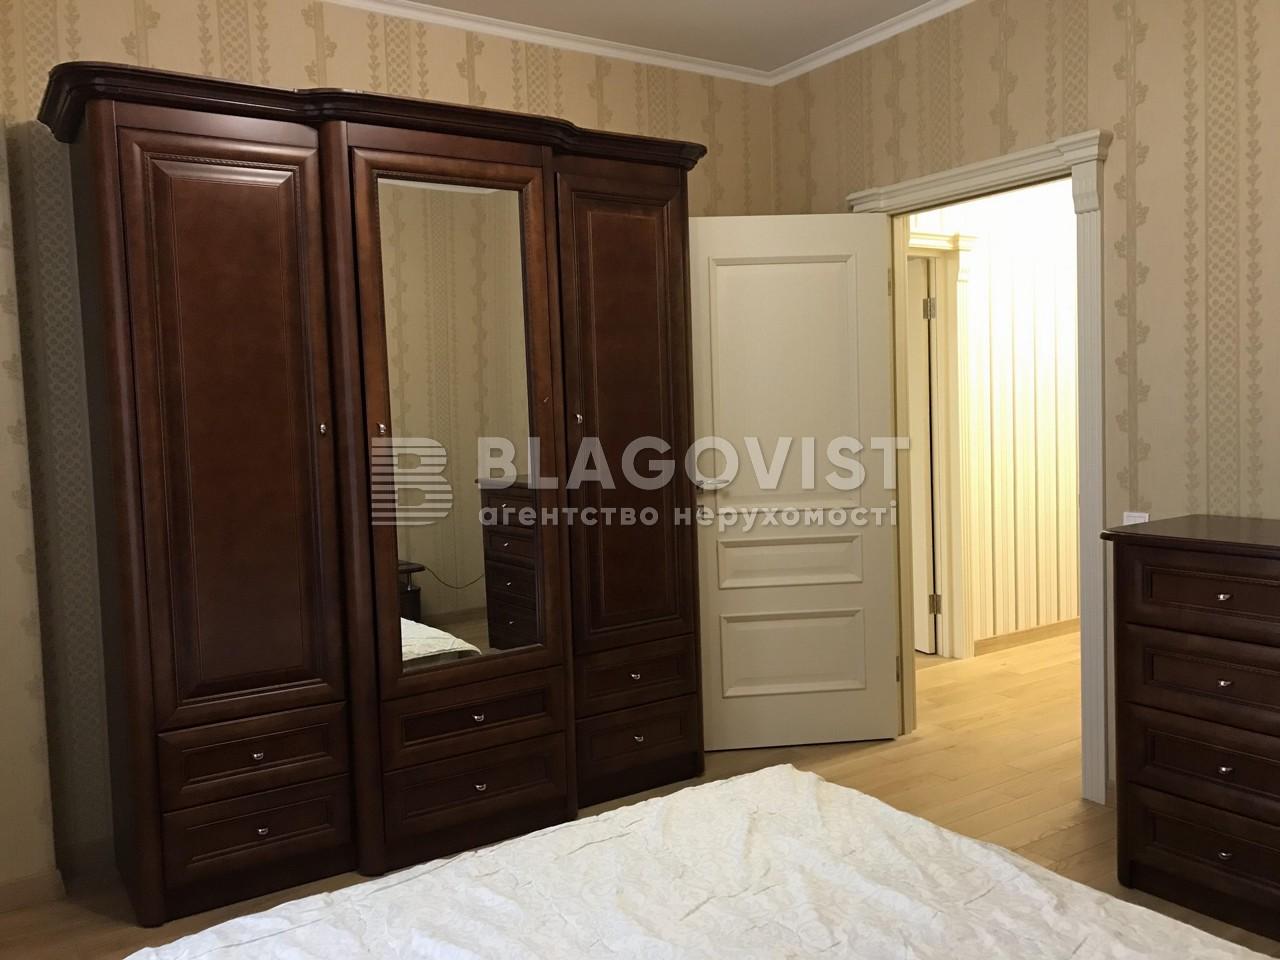 Квартира D-35850, Победы просп., 67 корпус 1, Киев - Фото 7